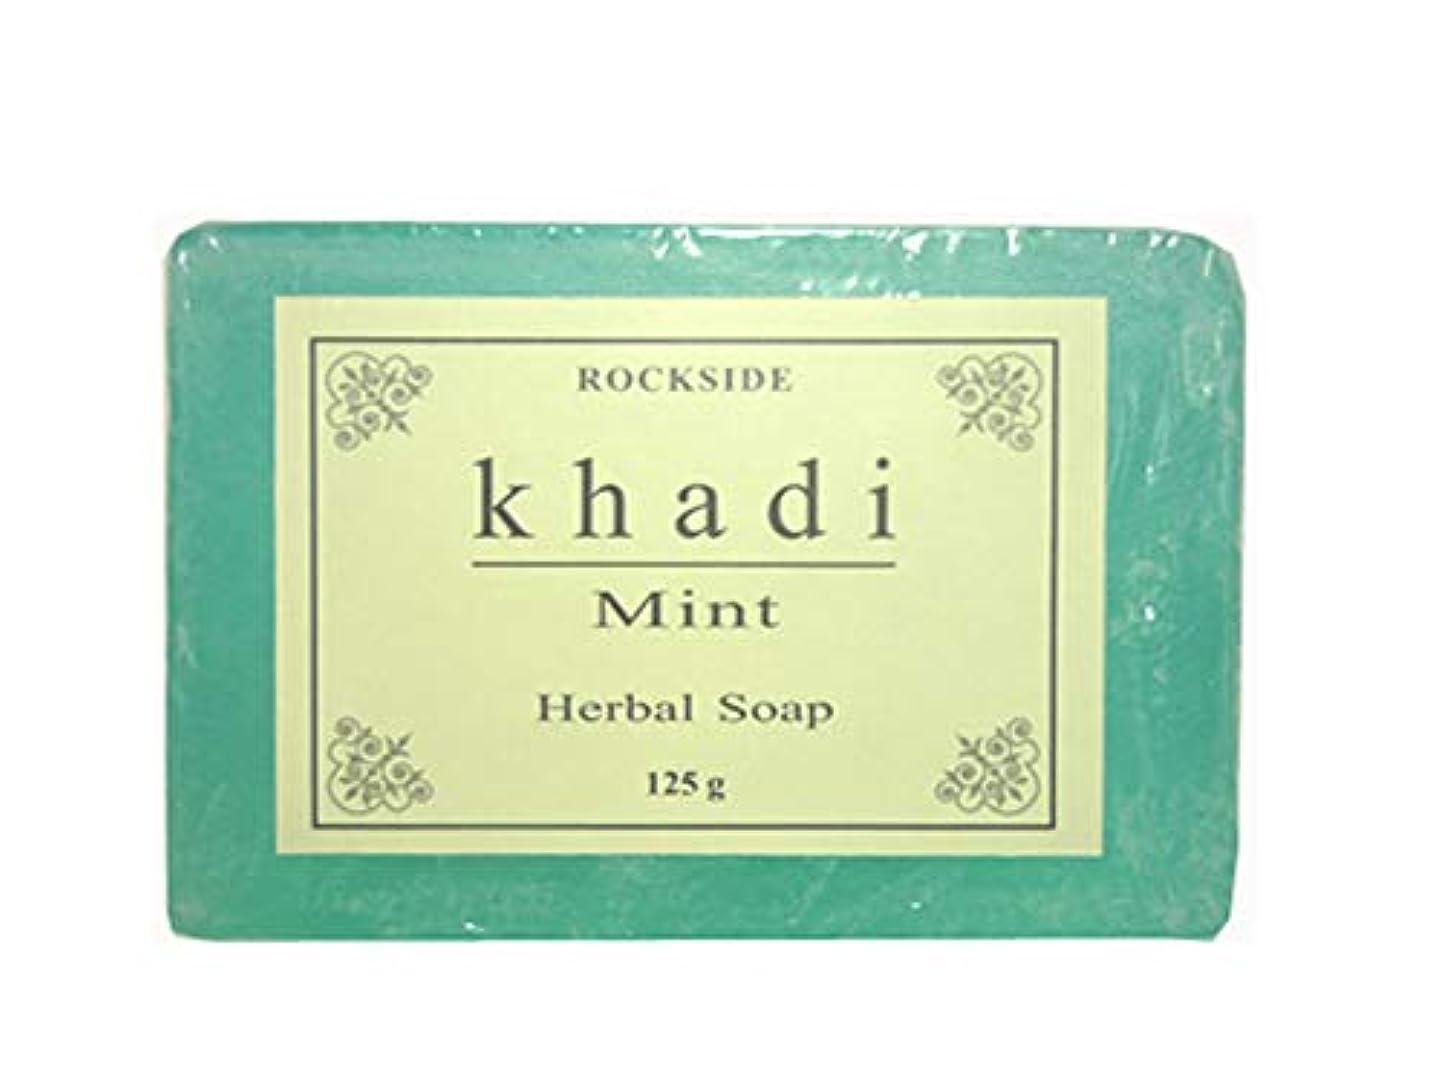 メイエラ冗長頭蓋骨手作り  カーディ ミント ハーバルソープ Khadi Mint Herbal Soap